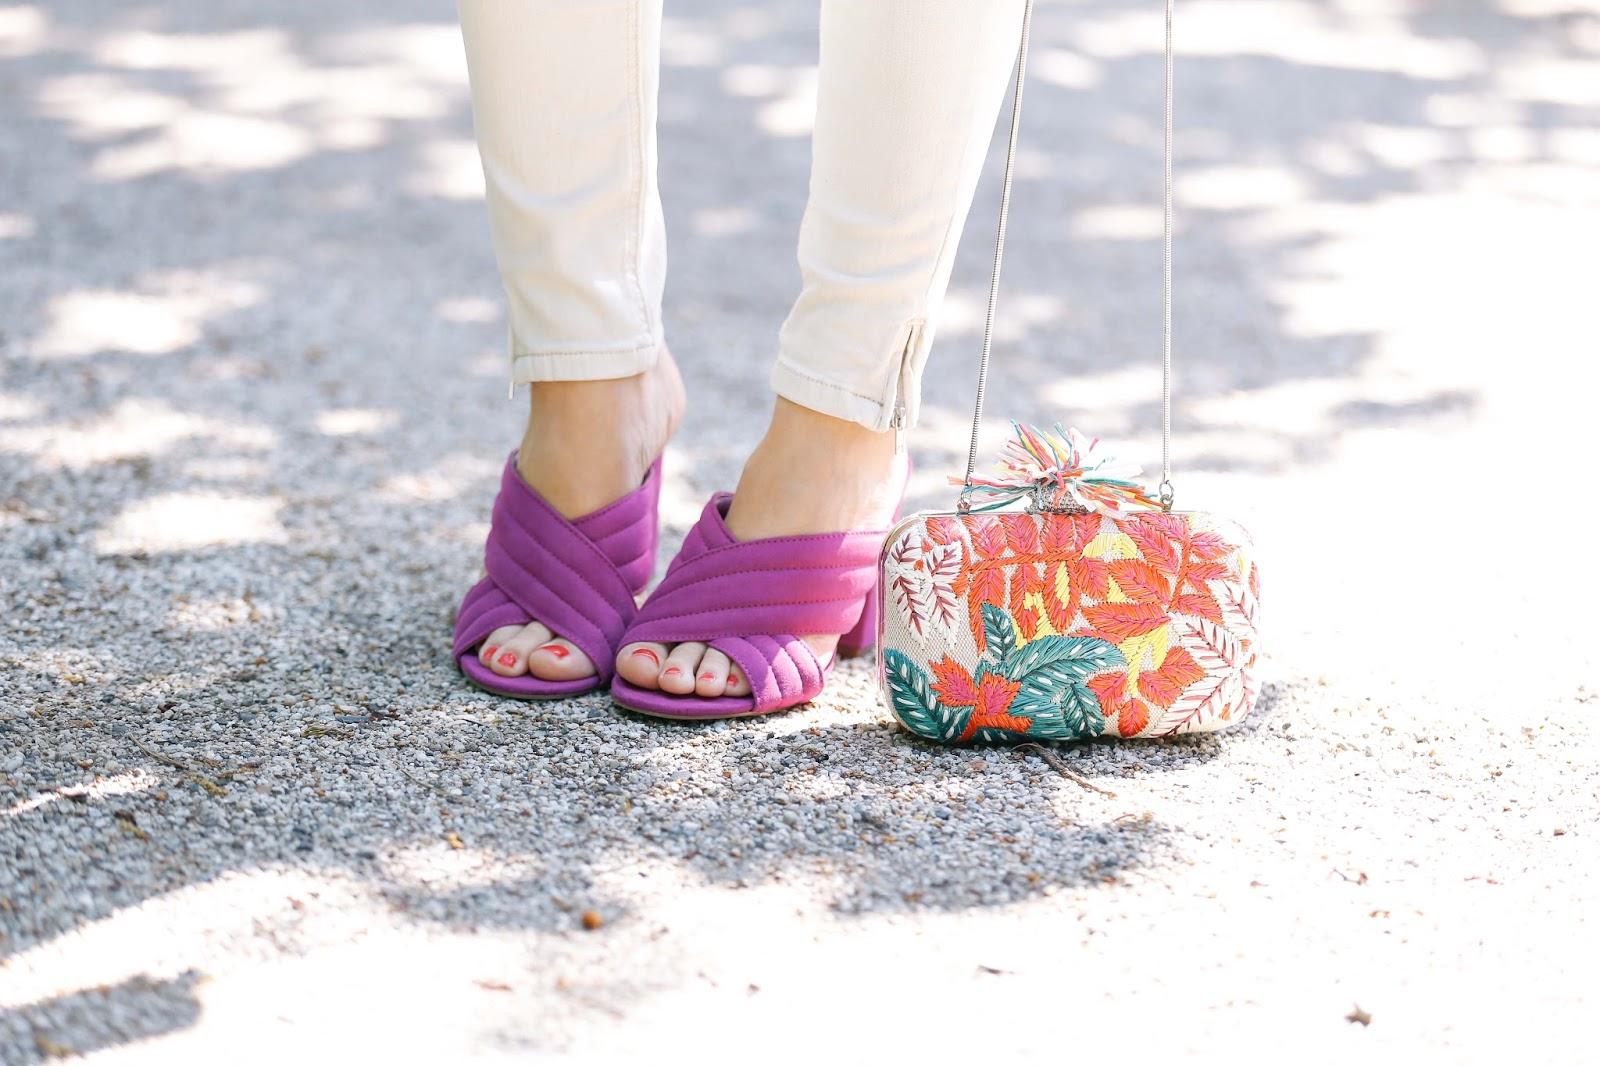 Justfab-mules-pinke-schuhe-fashionblogger-korbtasche.-zara-tasche-pinke-highheels